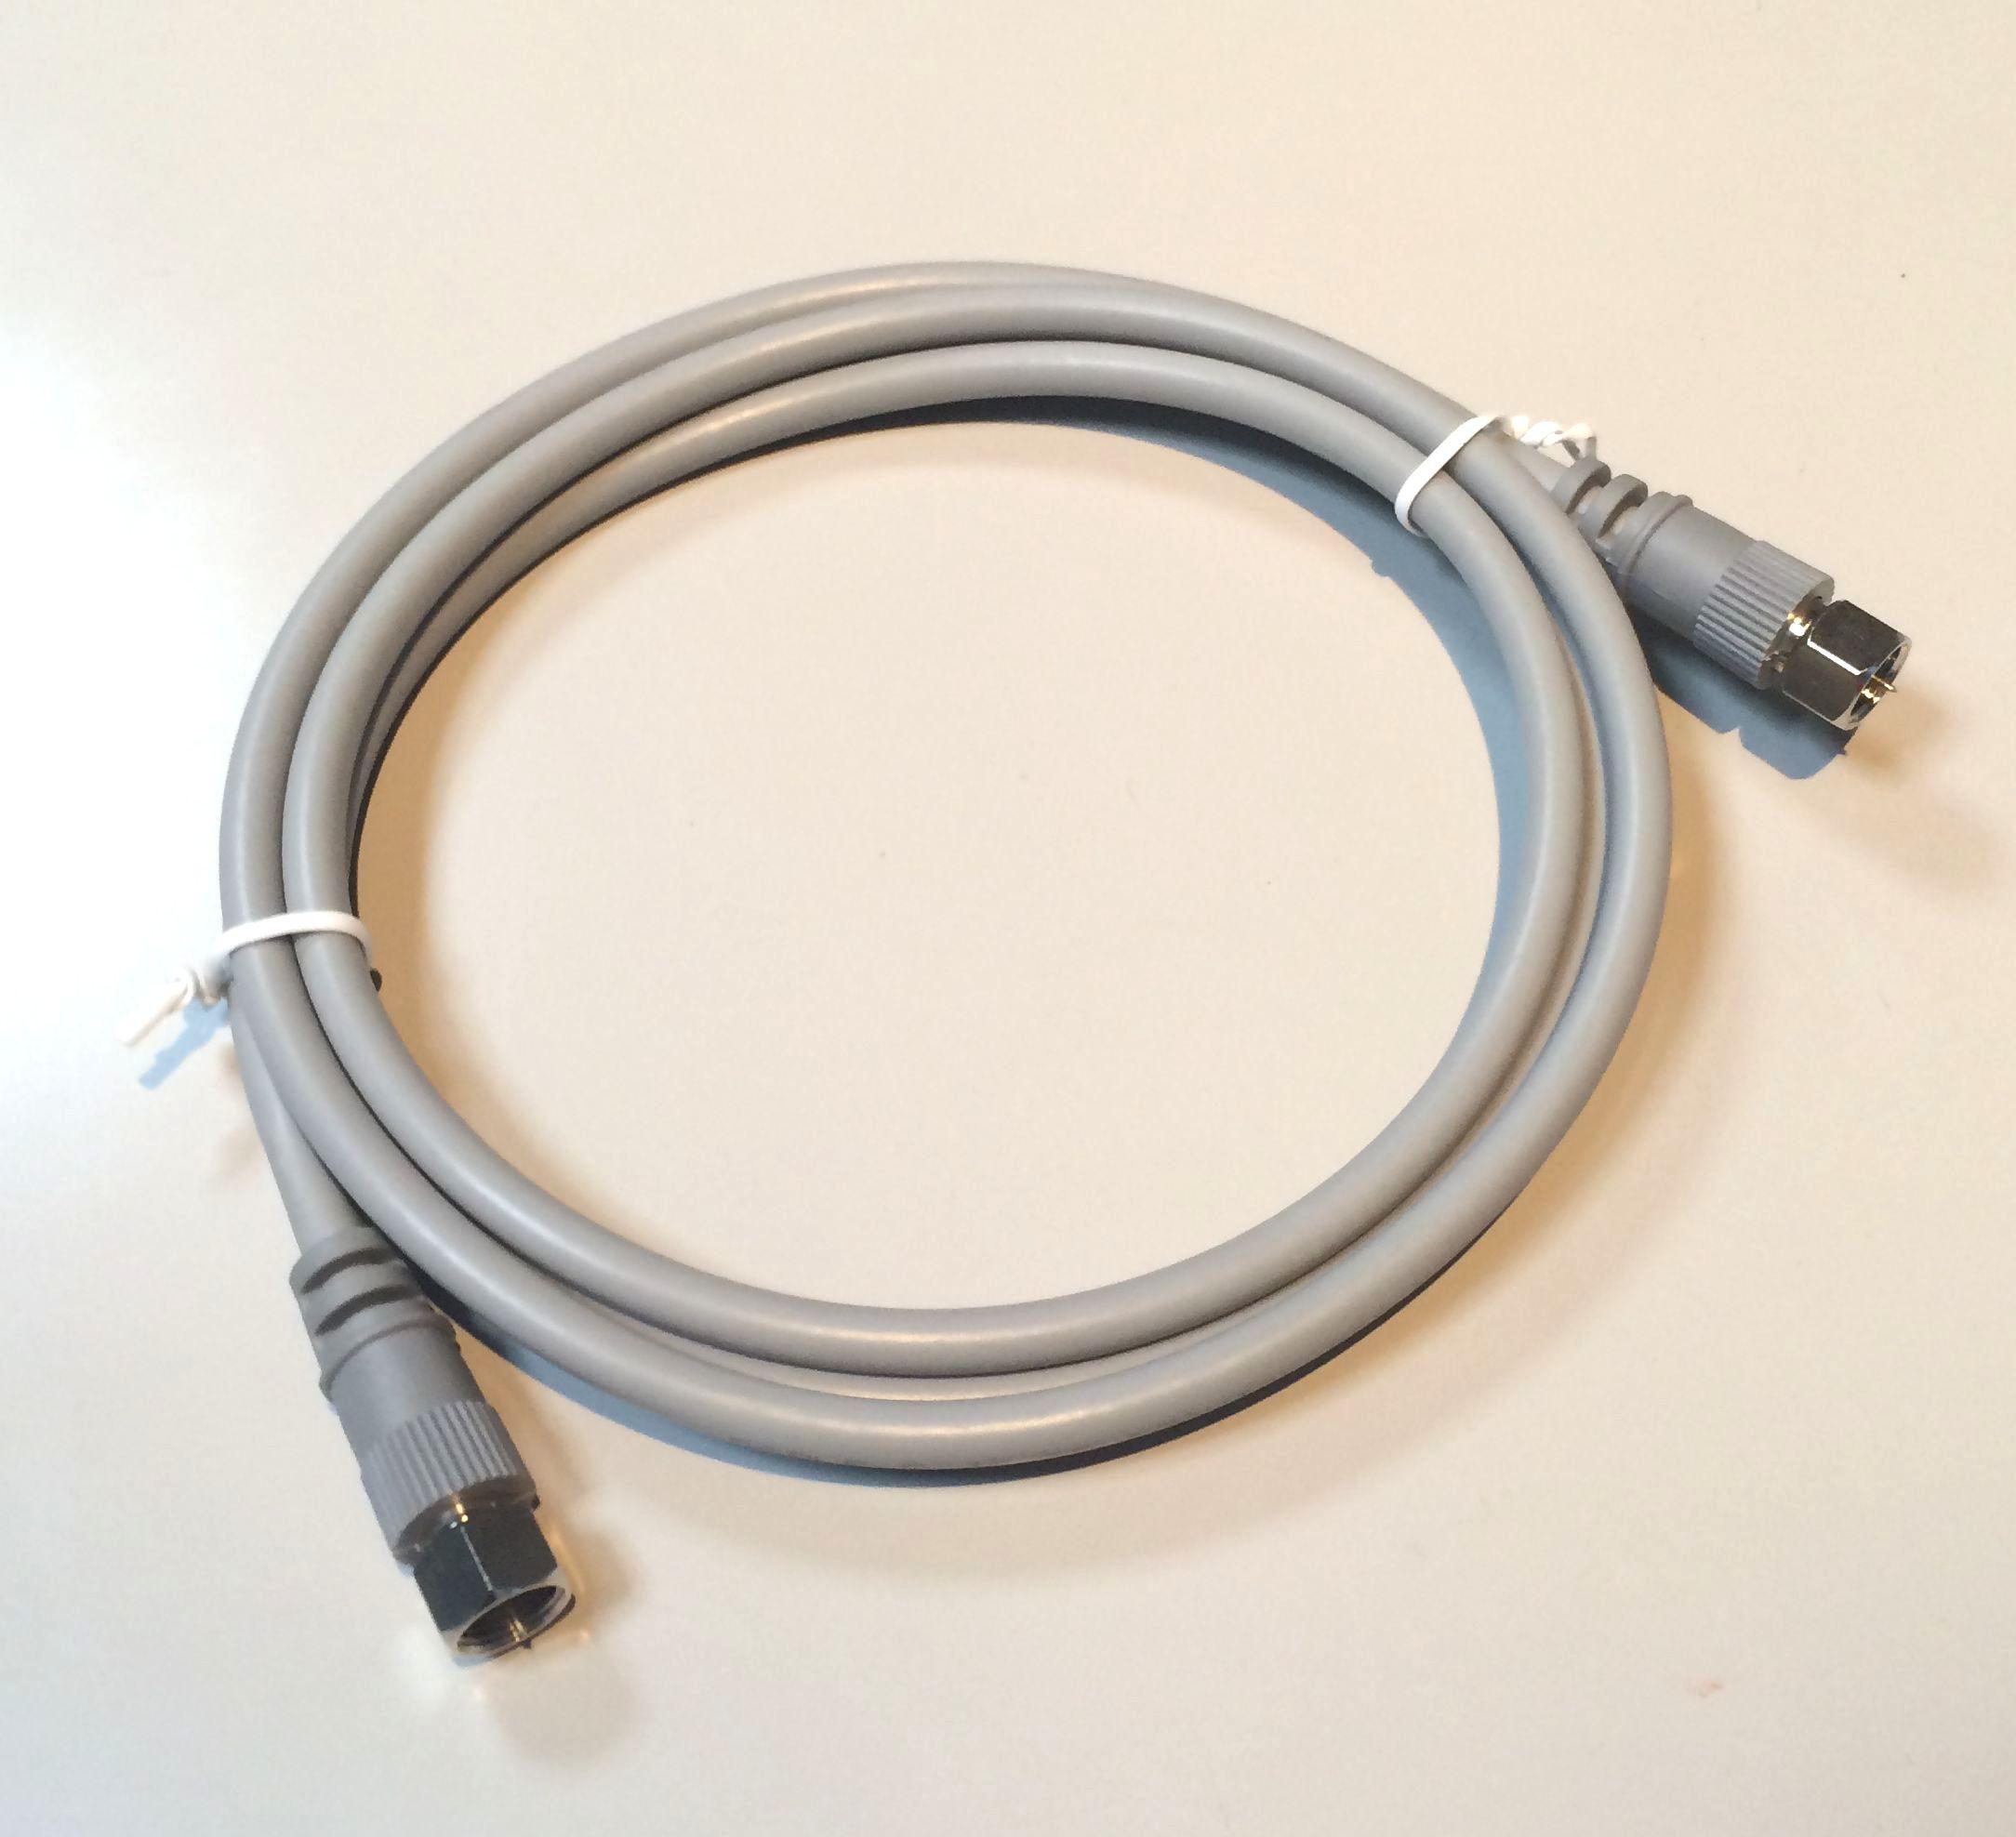 【送料無料】【ノーブランド】 4C-FB-FF-3M テレビケーブル4C両端接栓3m(グレー)10本セット